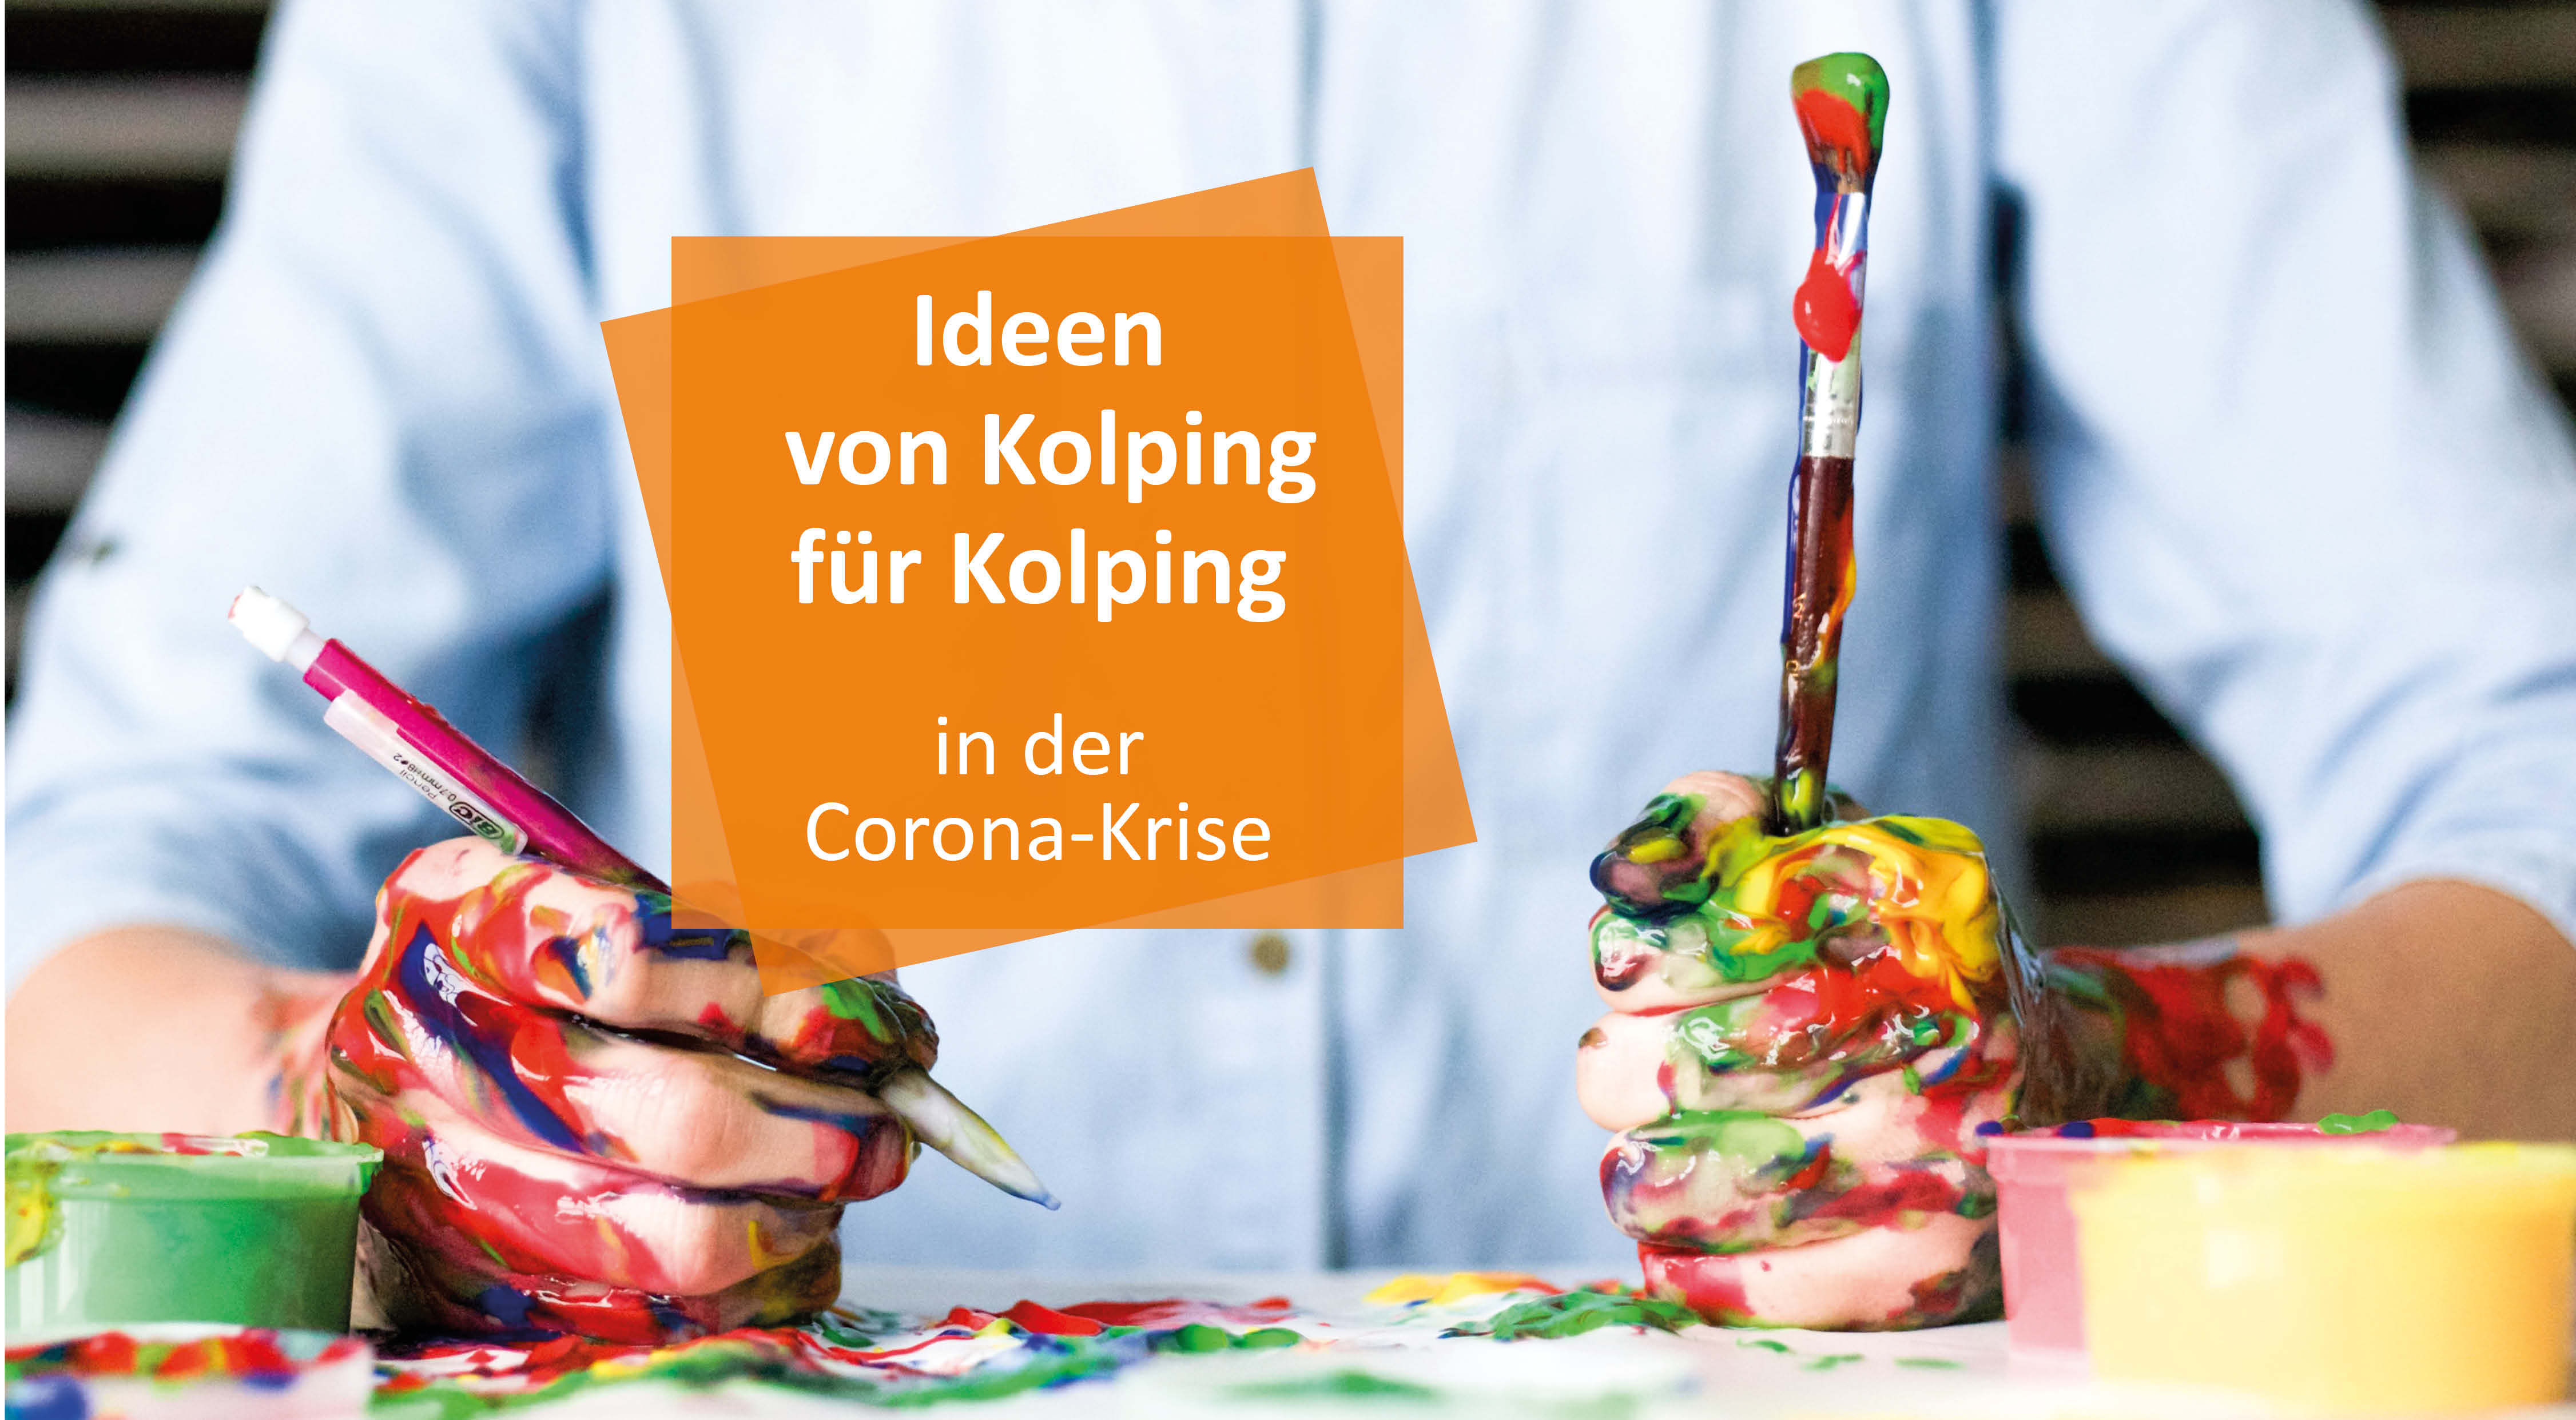 Ideen von Kolping für Kolping